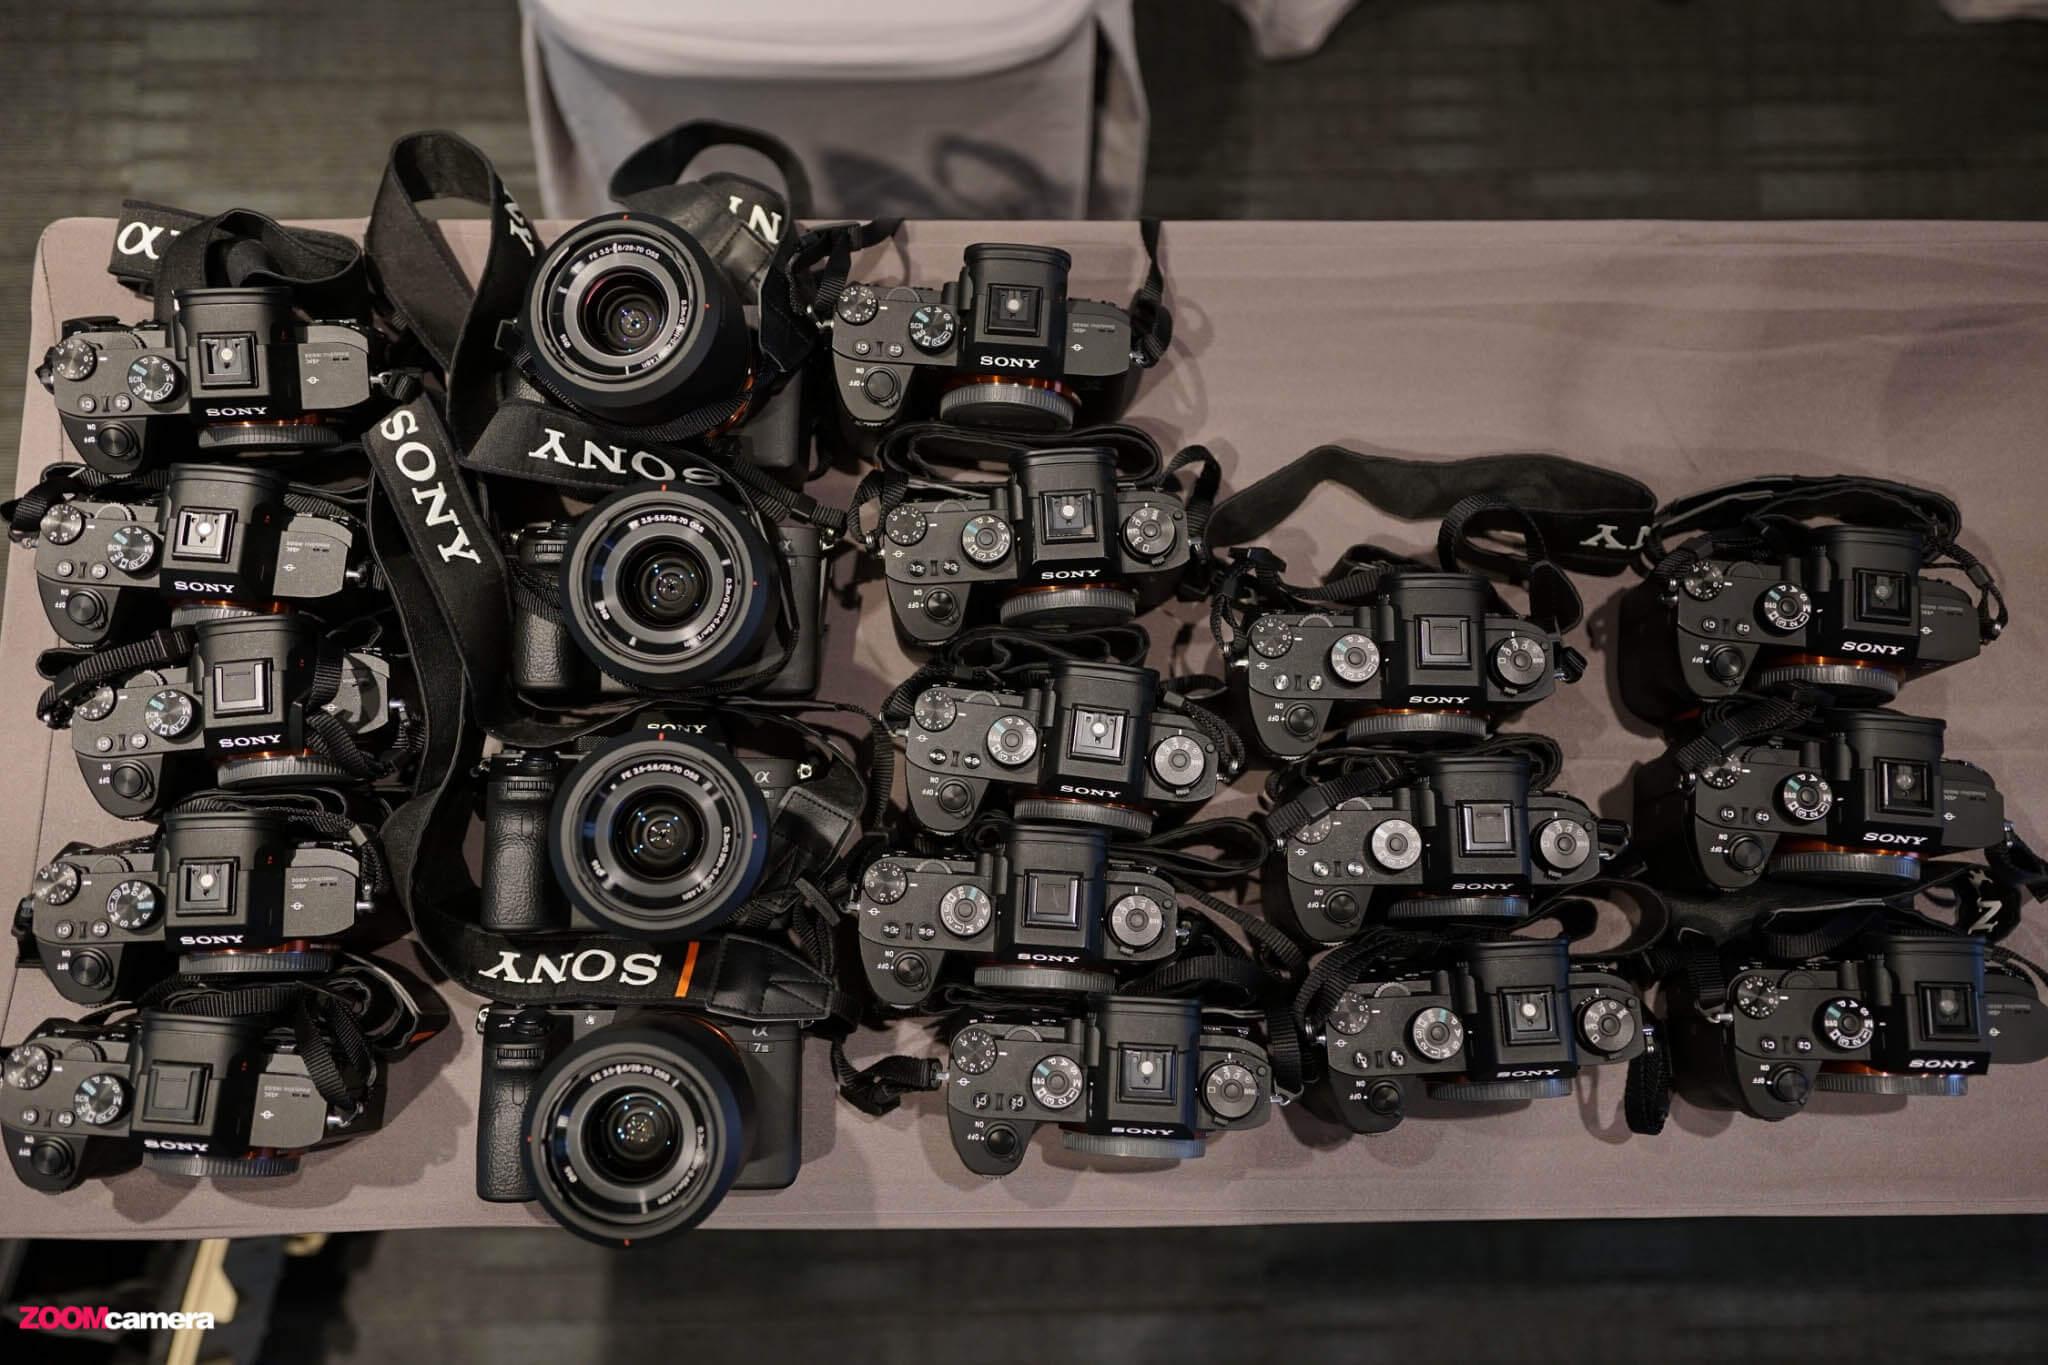 ภาพบรรยากาศ Sony Prewedding